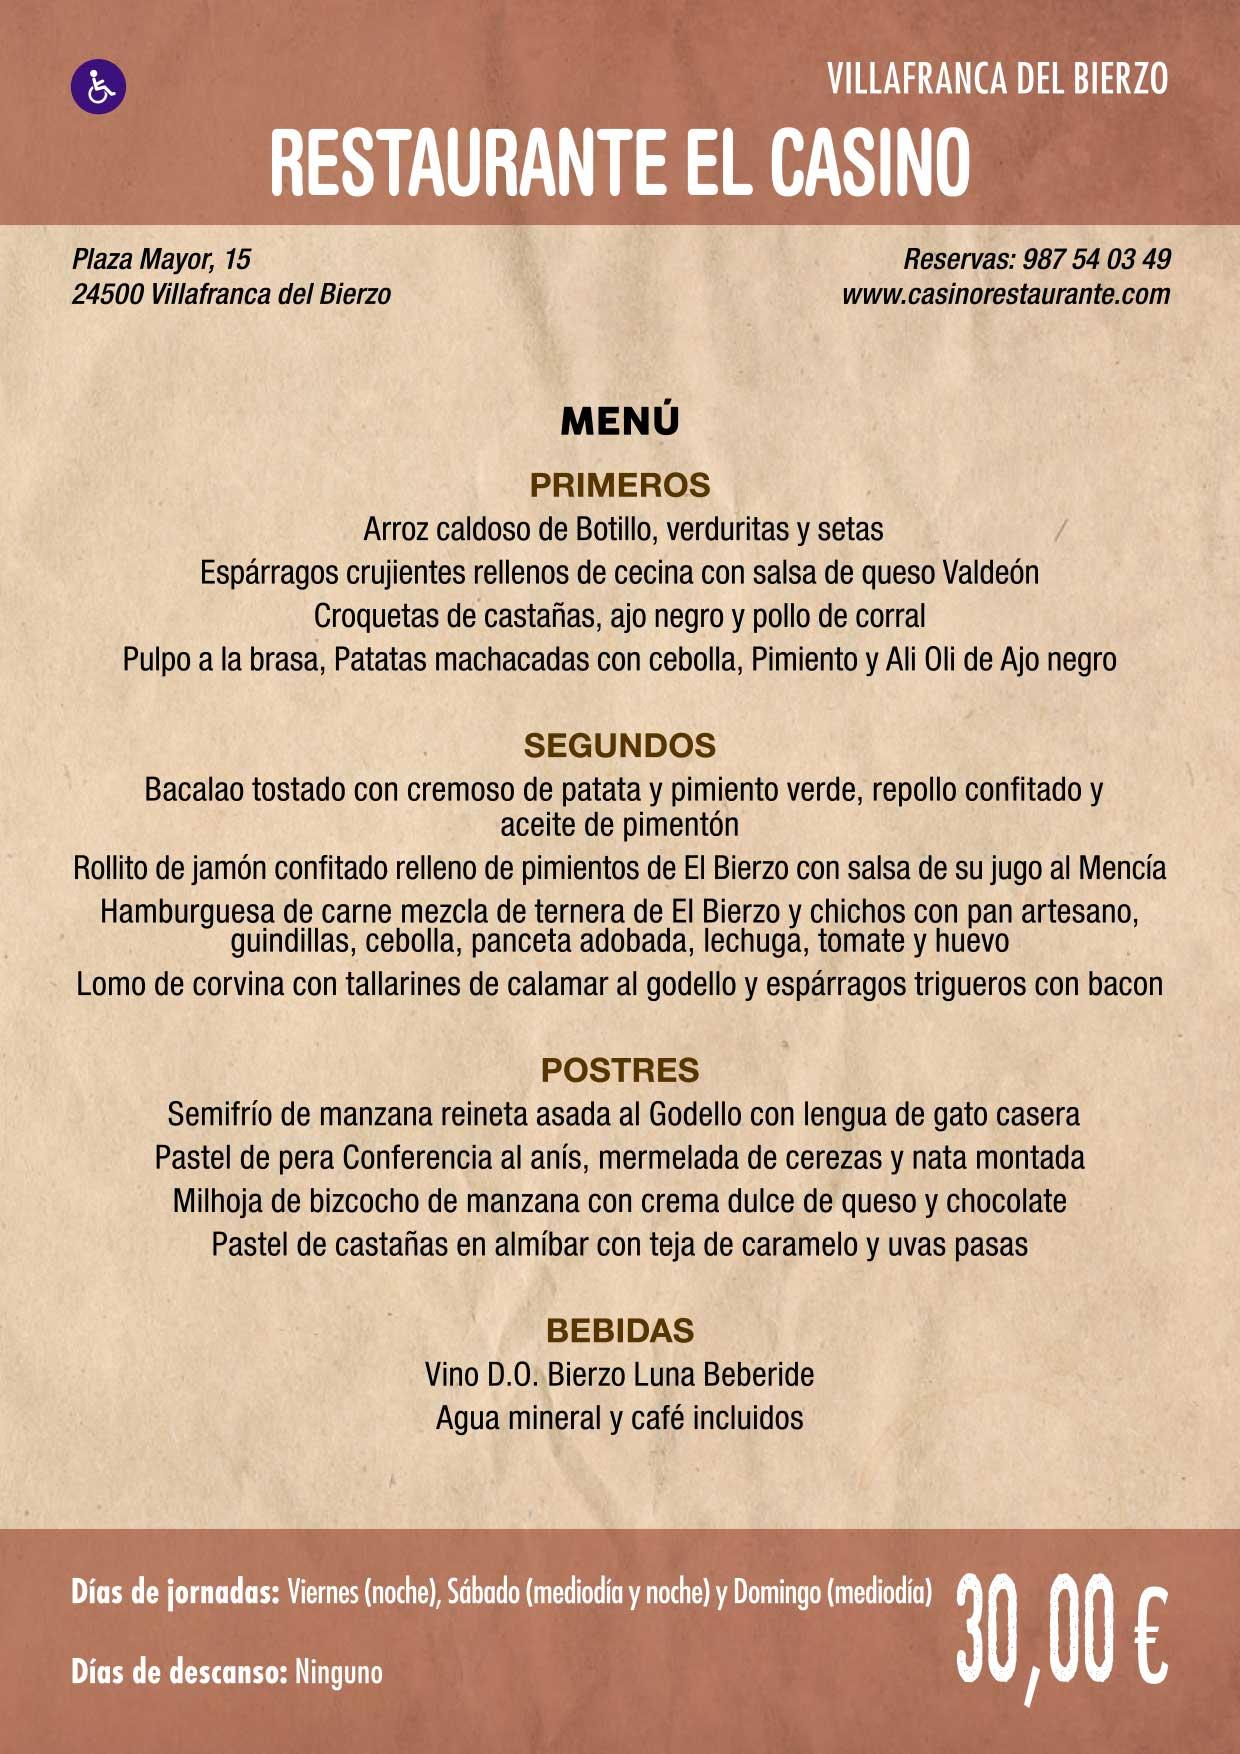 XXXVI Jornadas Gastronómicas De El Bierzo 2020. Consulta los restaurantes y menús 31